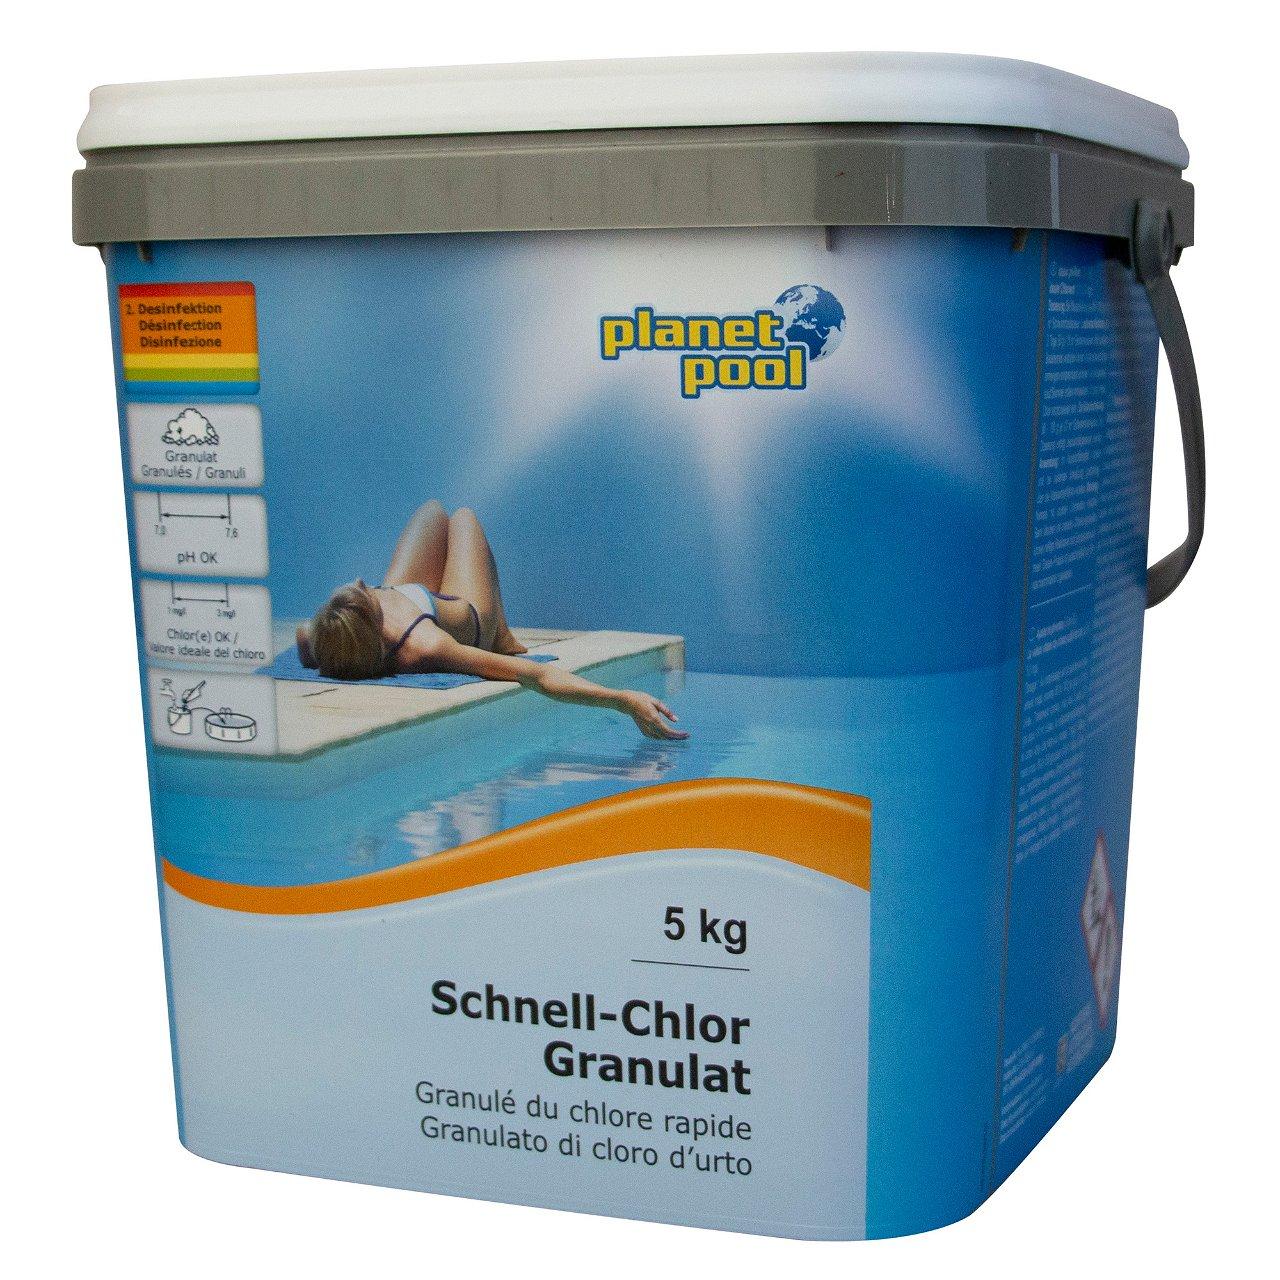 PLANET POOL Schnell-Chlor-Granulat 5 kg